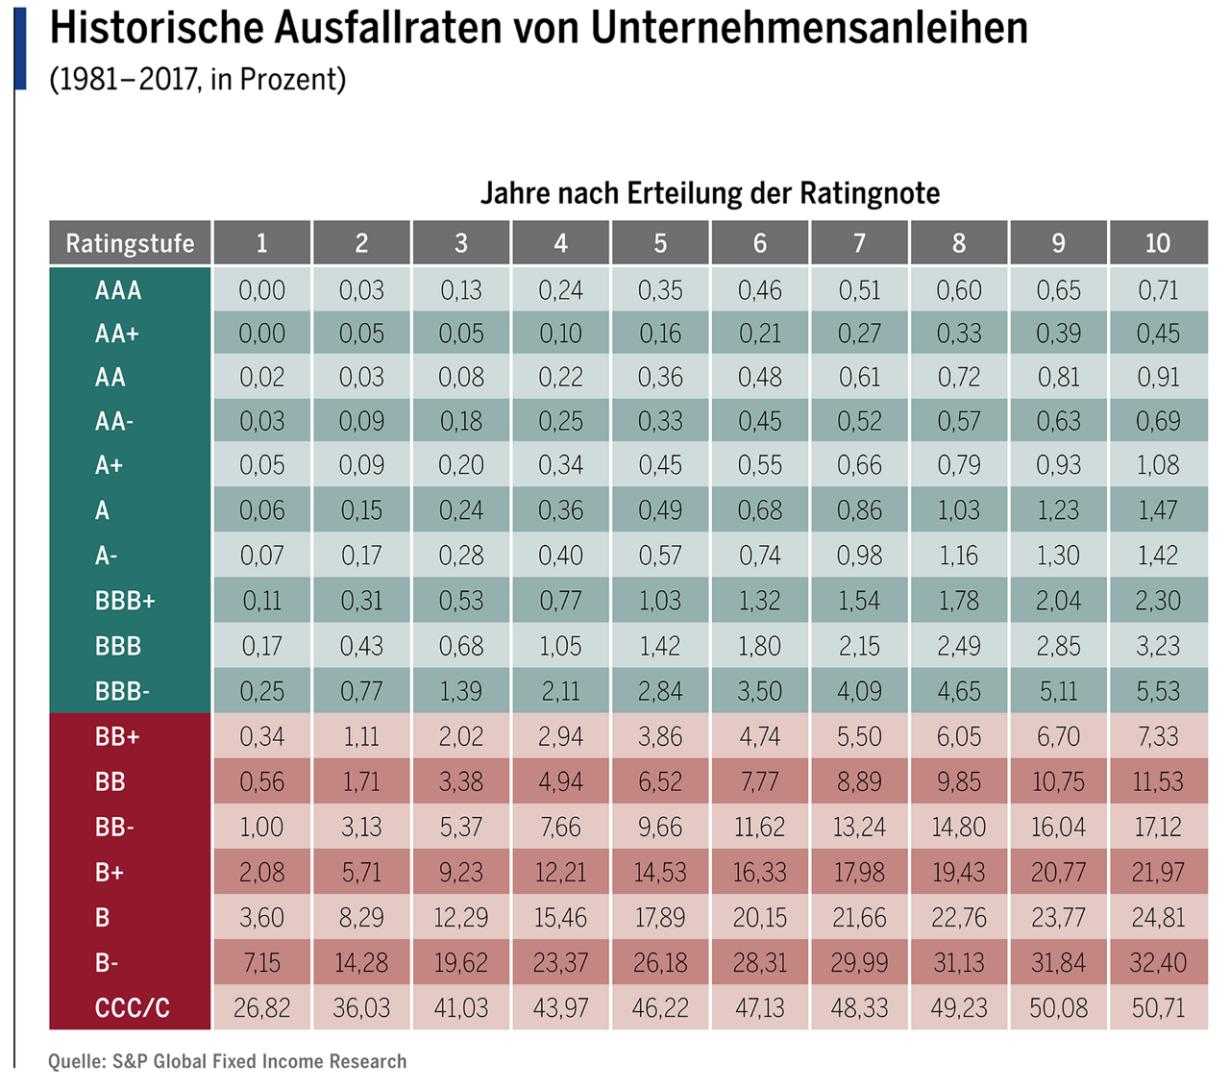 Ausfallquote Unternehmensanleihen